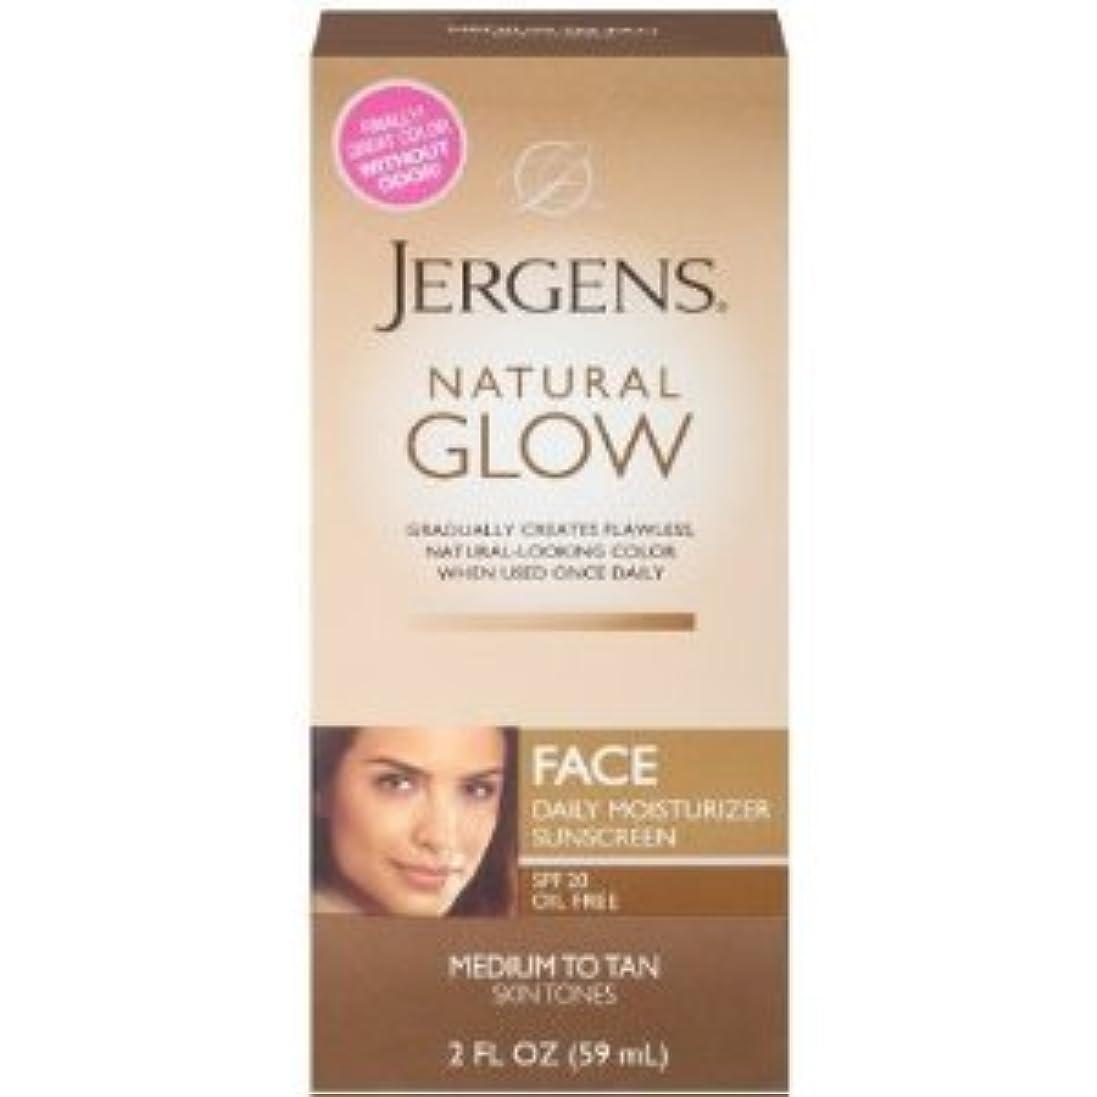 エンジニアリング流行枠Natural Glow Healthy Complexion Daily Facial Moisturizer, SPF 20, Medium to Tan, (59ml) (海外直送品)